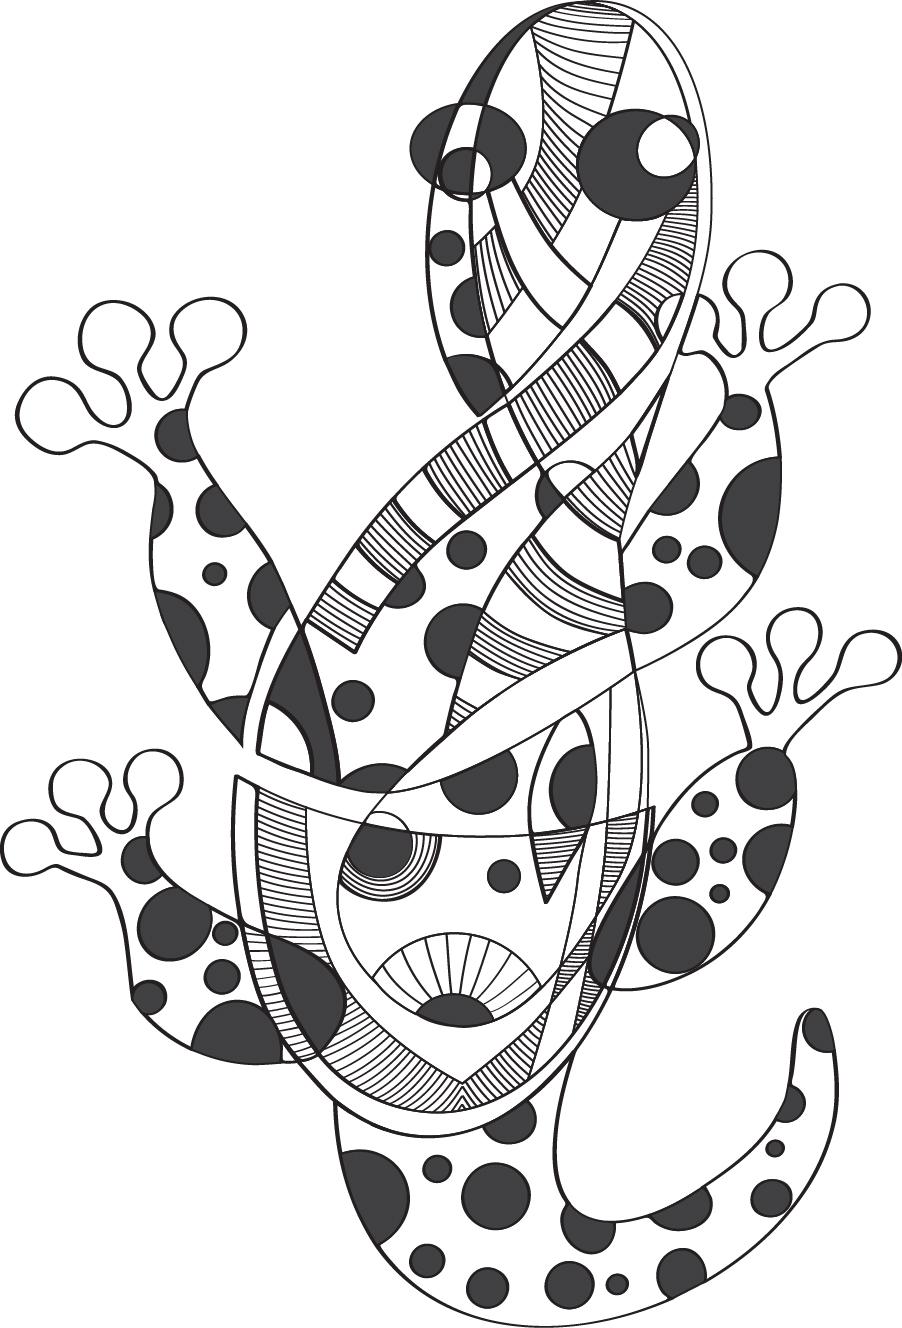 The Lizard by zlajonja